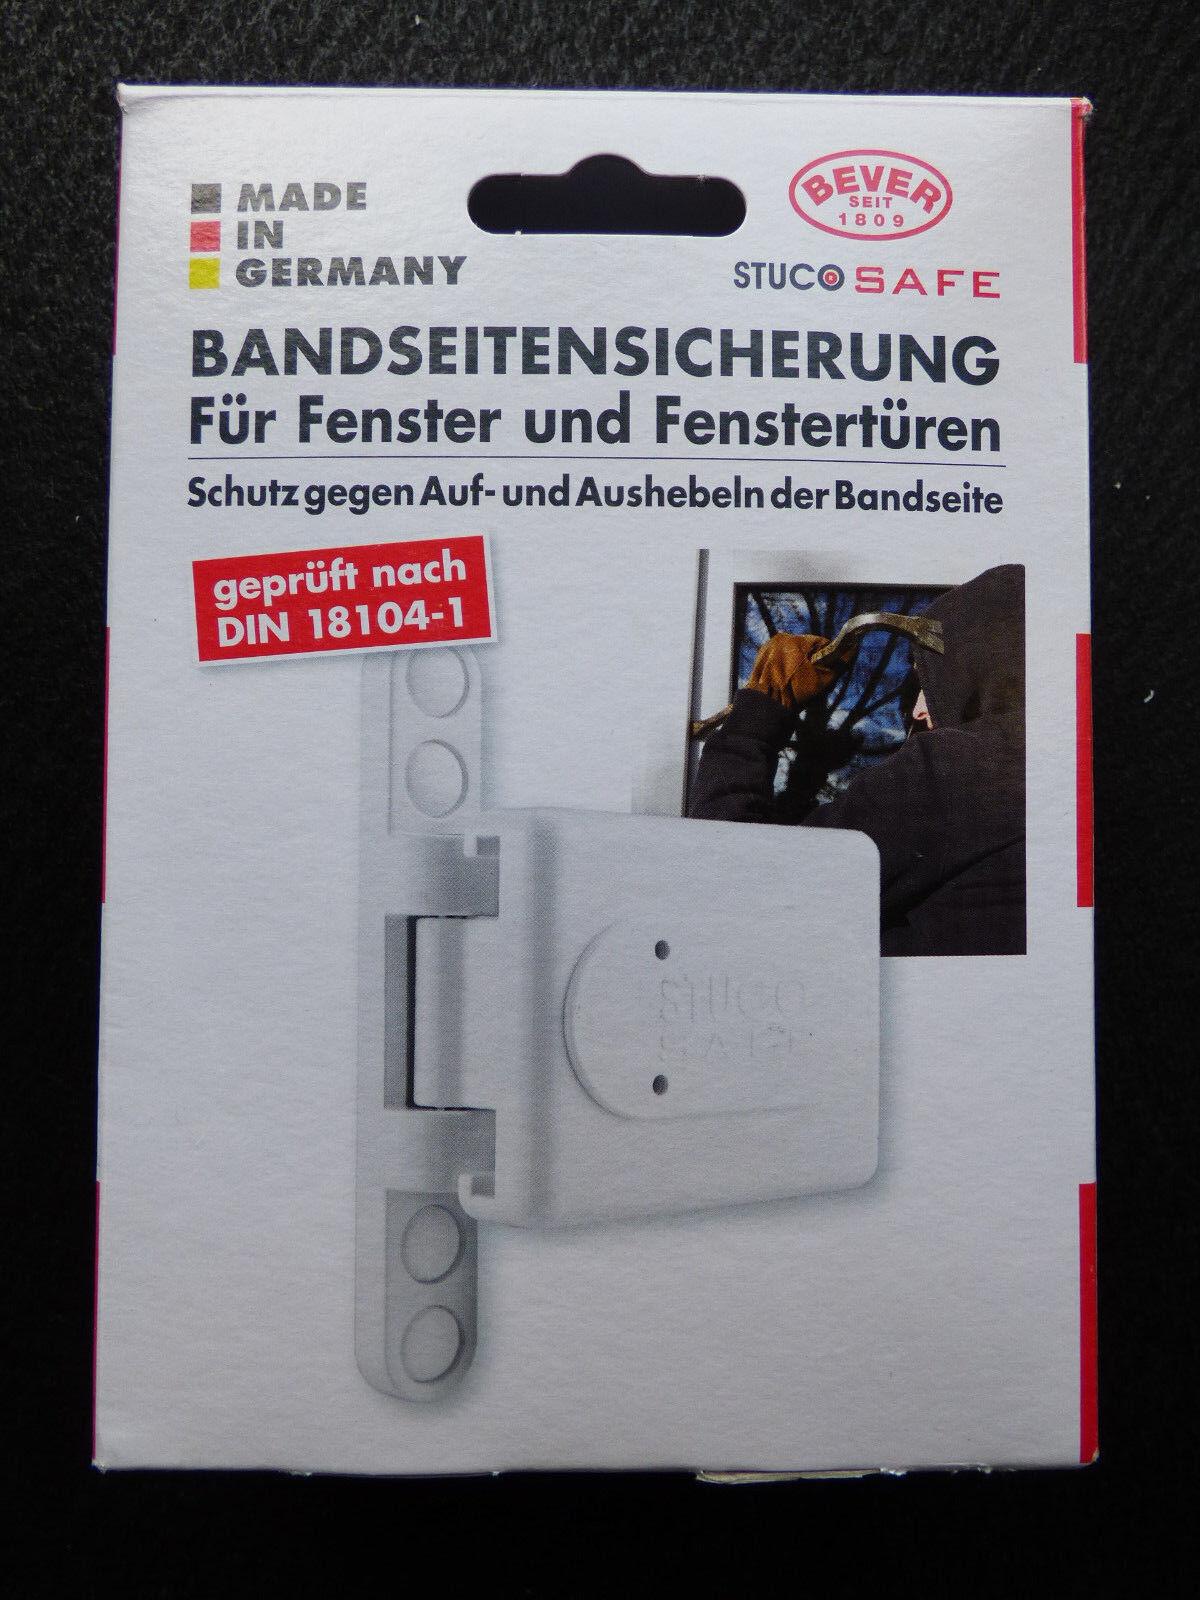 Bever Stuco Safe 23SW Bandseitensicherung  Fenstersicherung Weiß + Gratis Bohrer